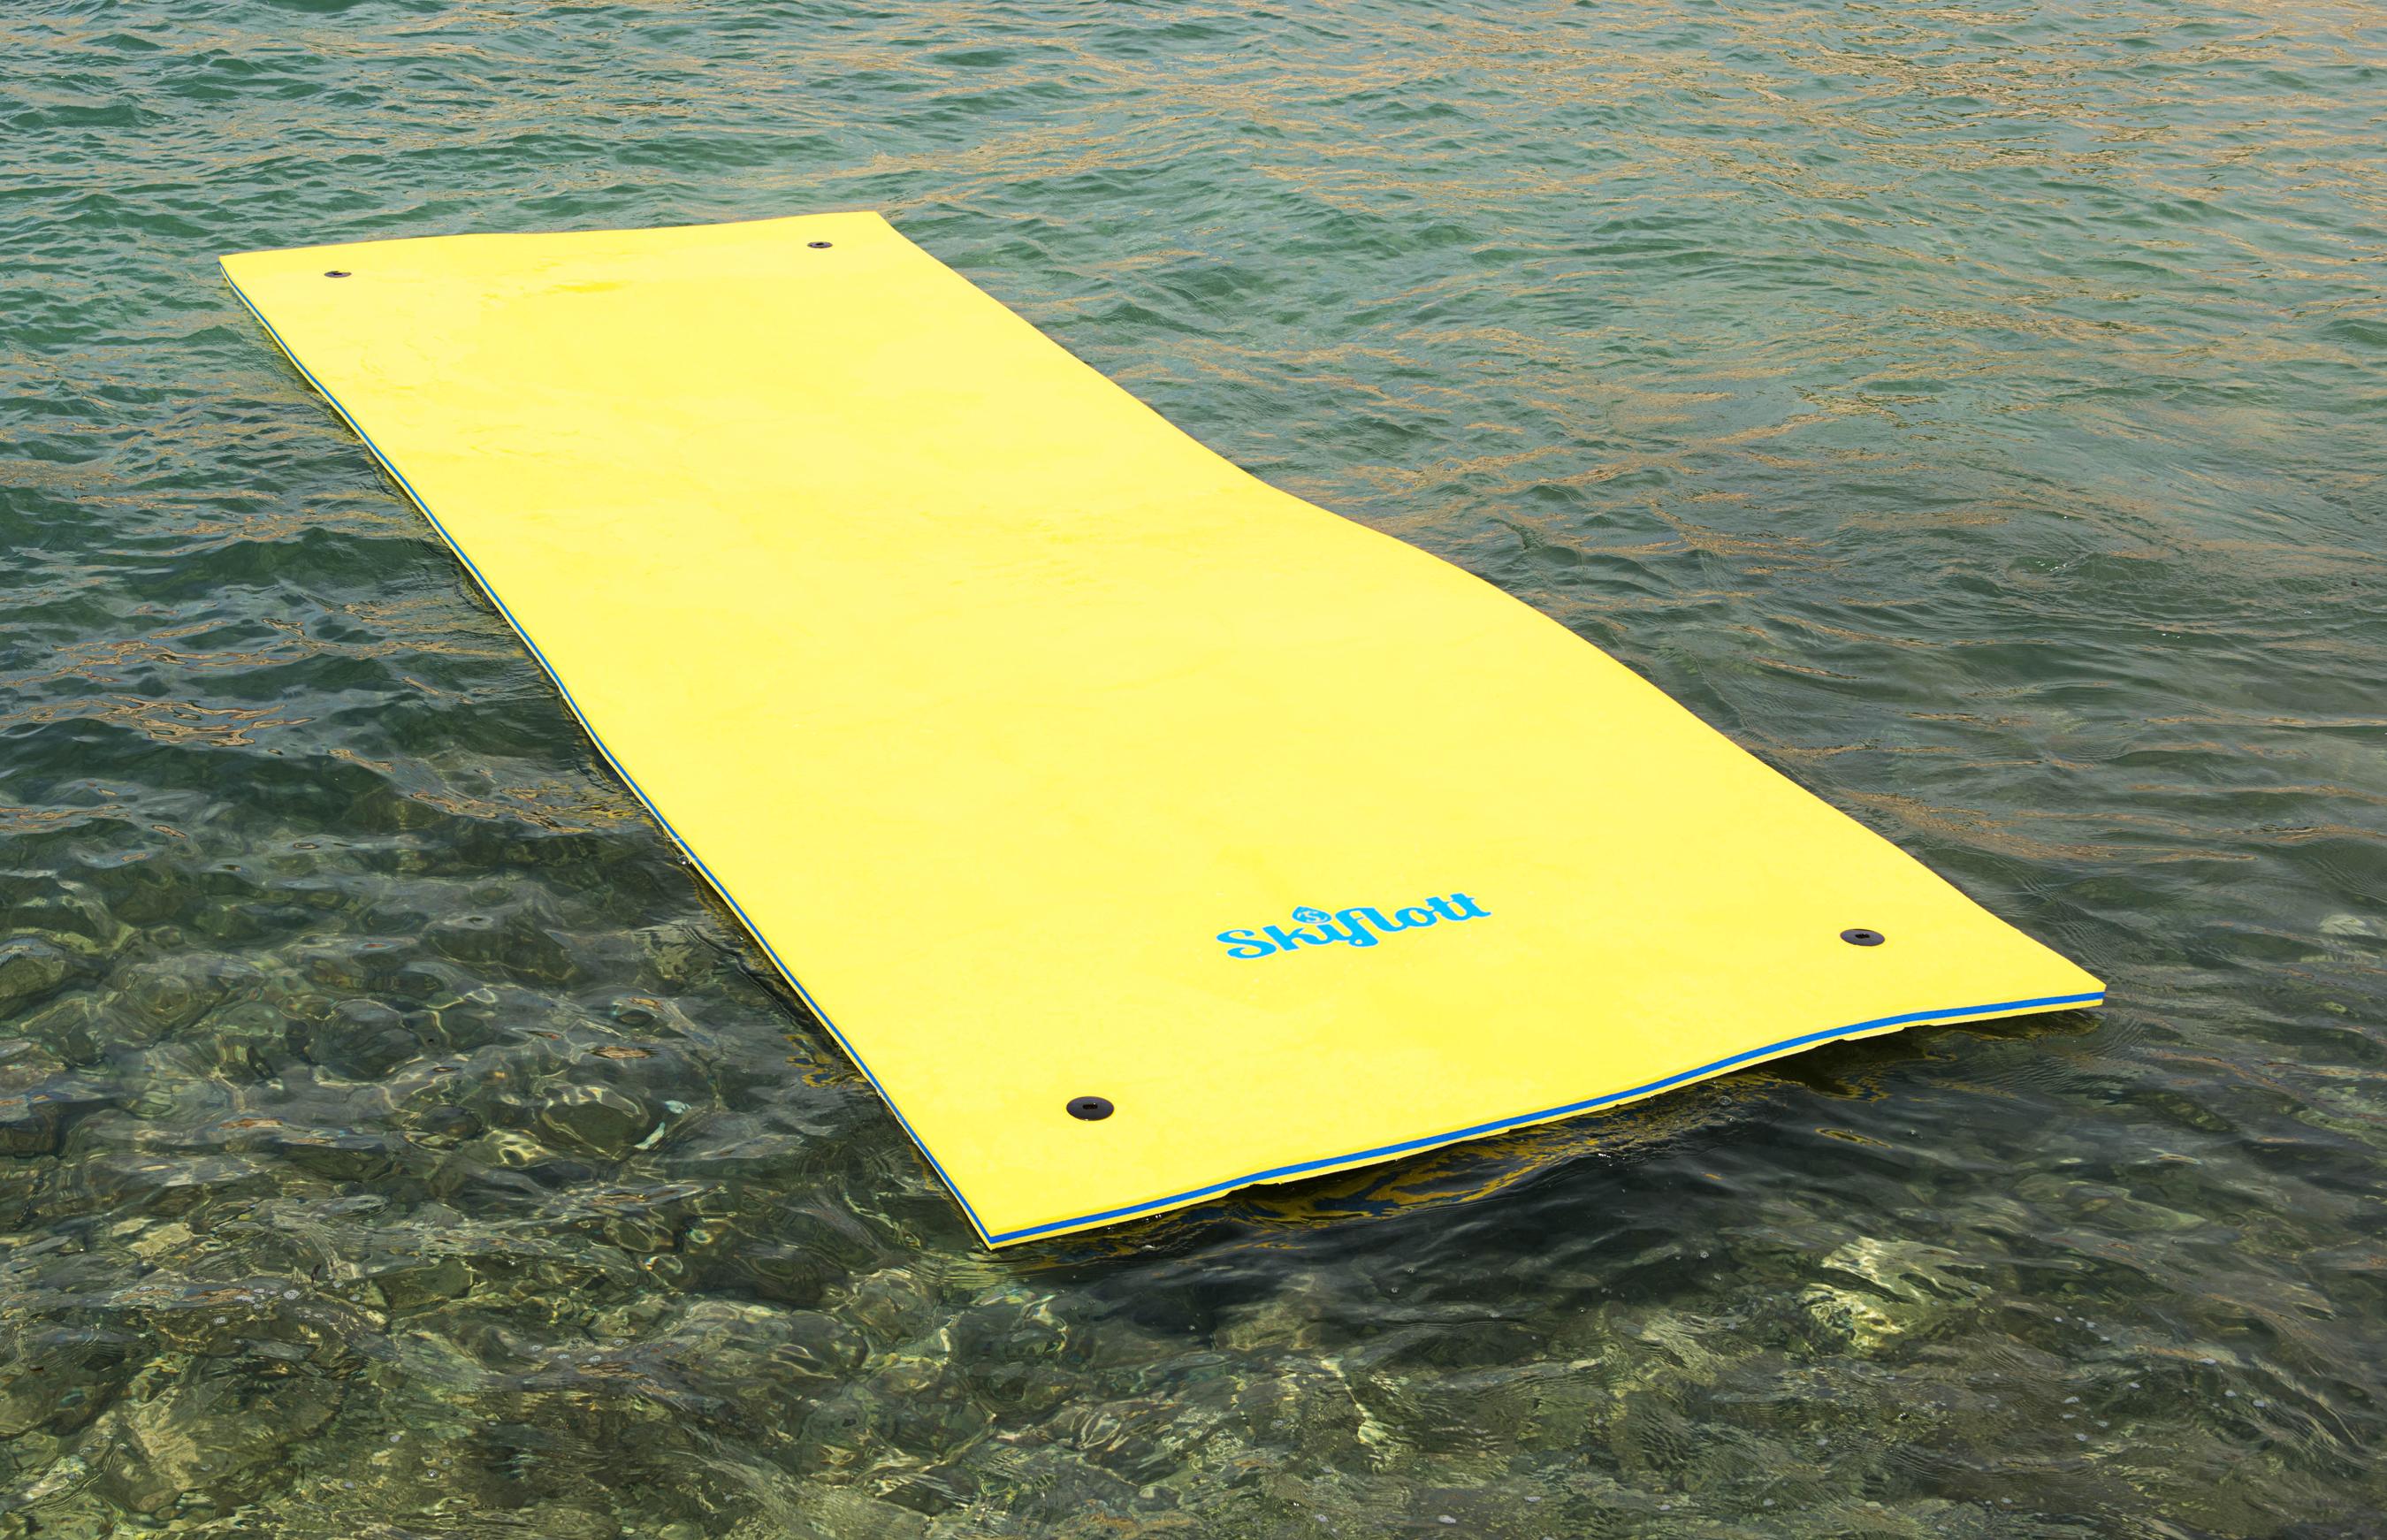 Wassermatte / Schwimmmatte XL 550x180x3,5 cm Bild 1